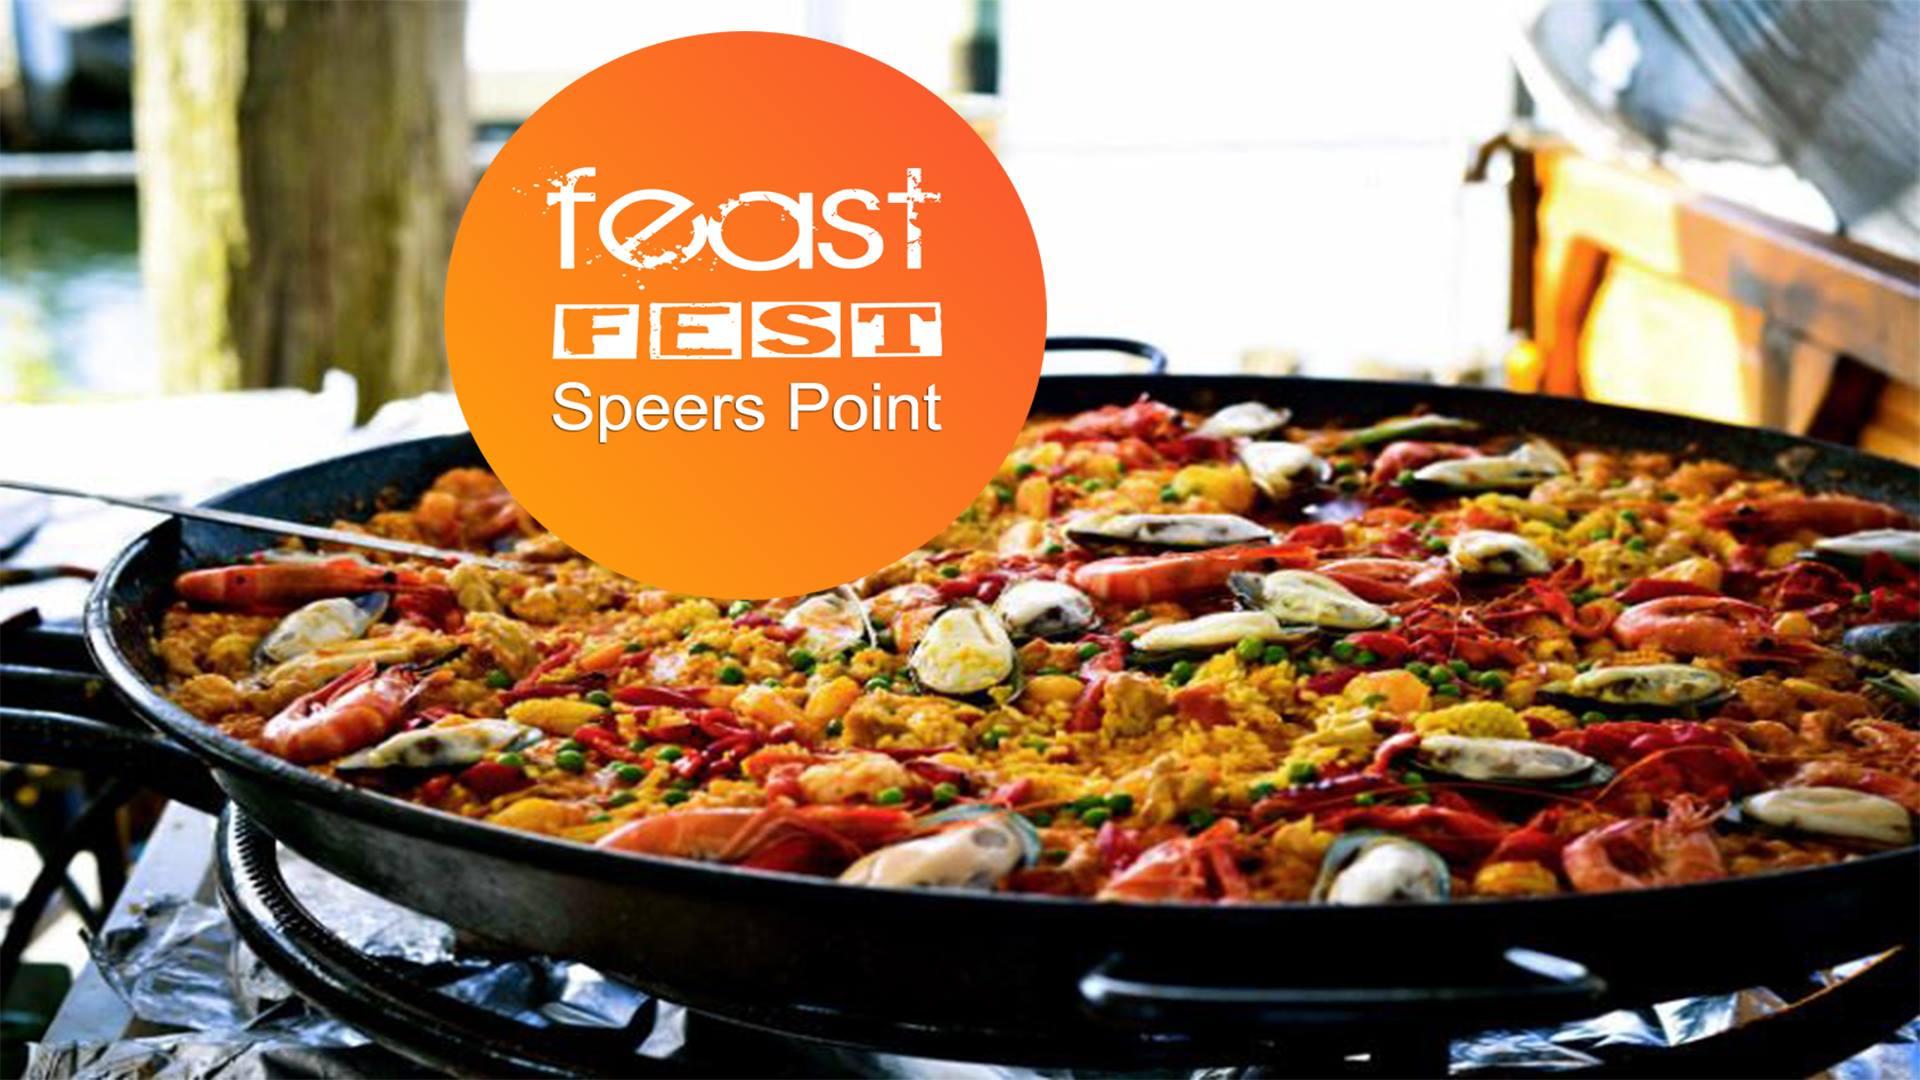 FEAST FEST TWILIGHT FOOD MARKET – SPEERS POINT PARK